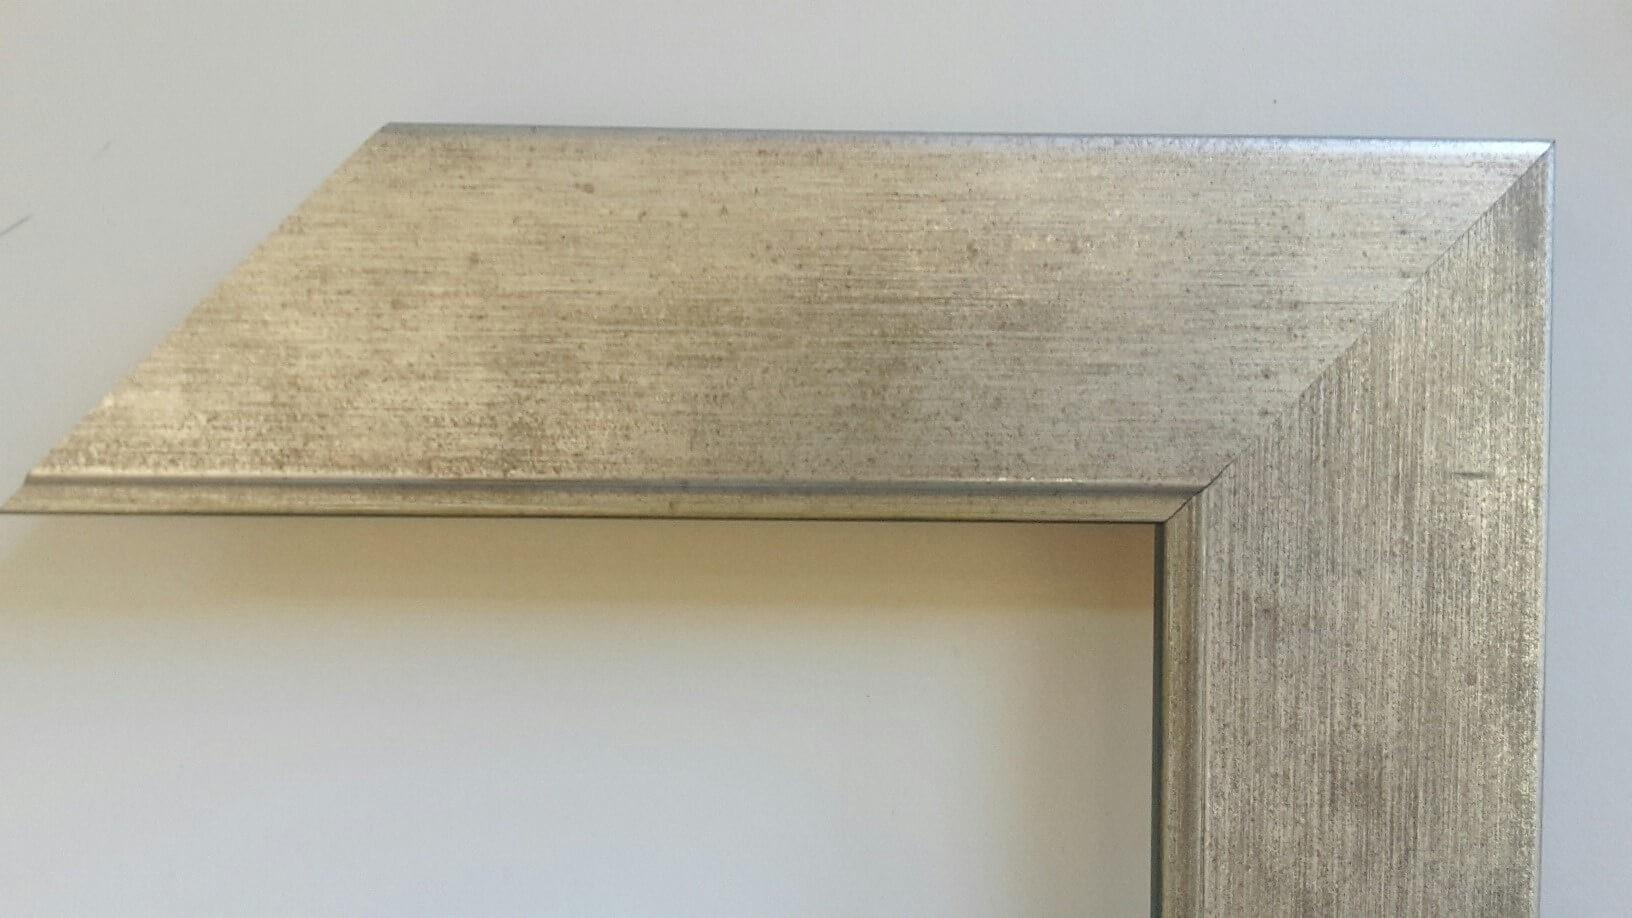 Fabira Salamanca Silber Matt durchgerieben, ca. 50mm × 20mm